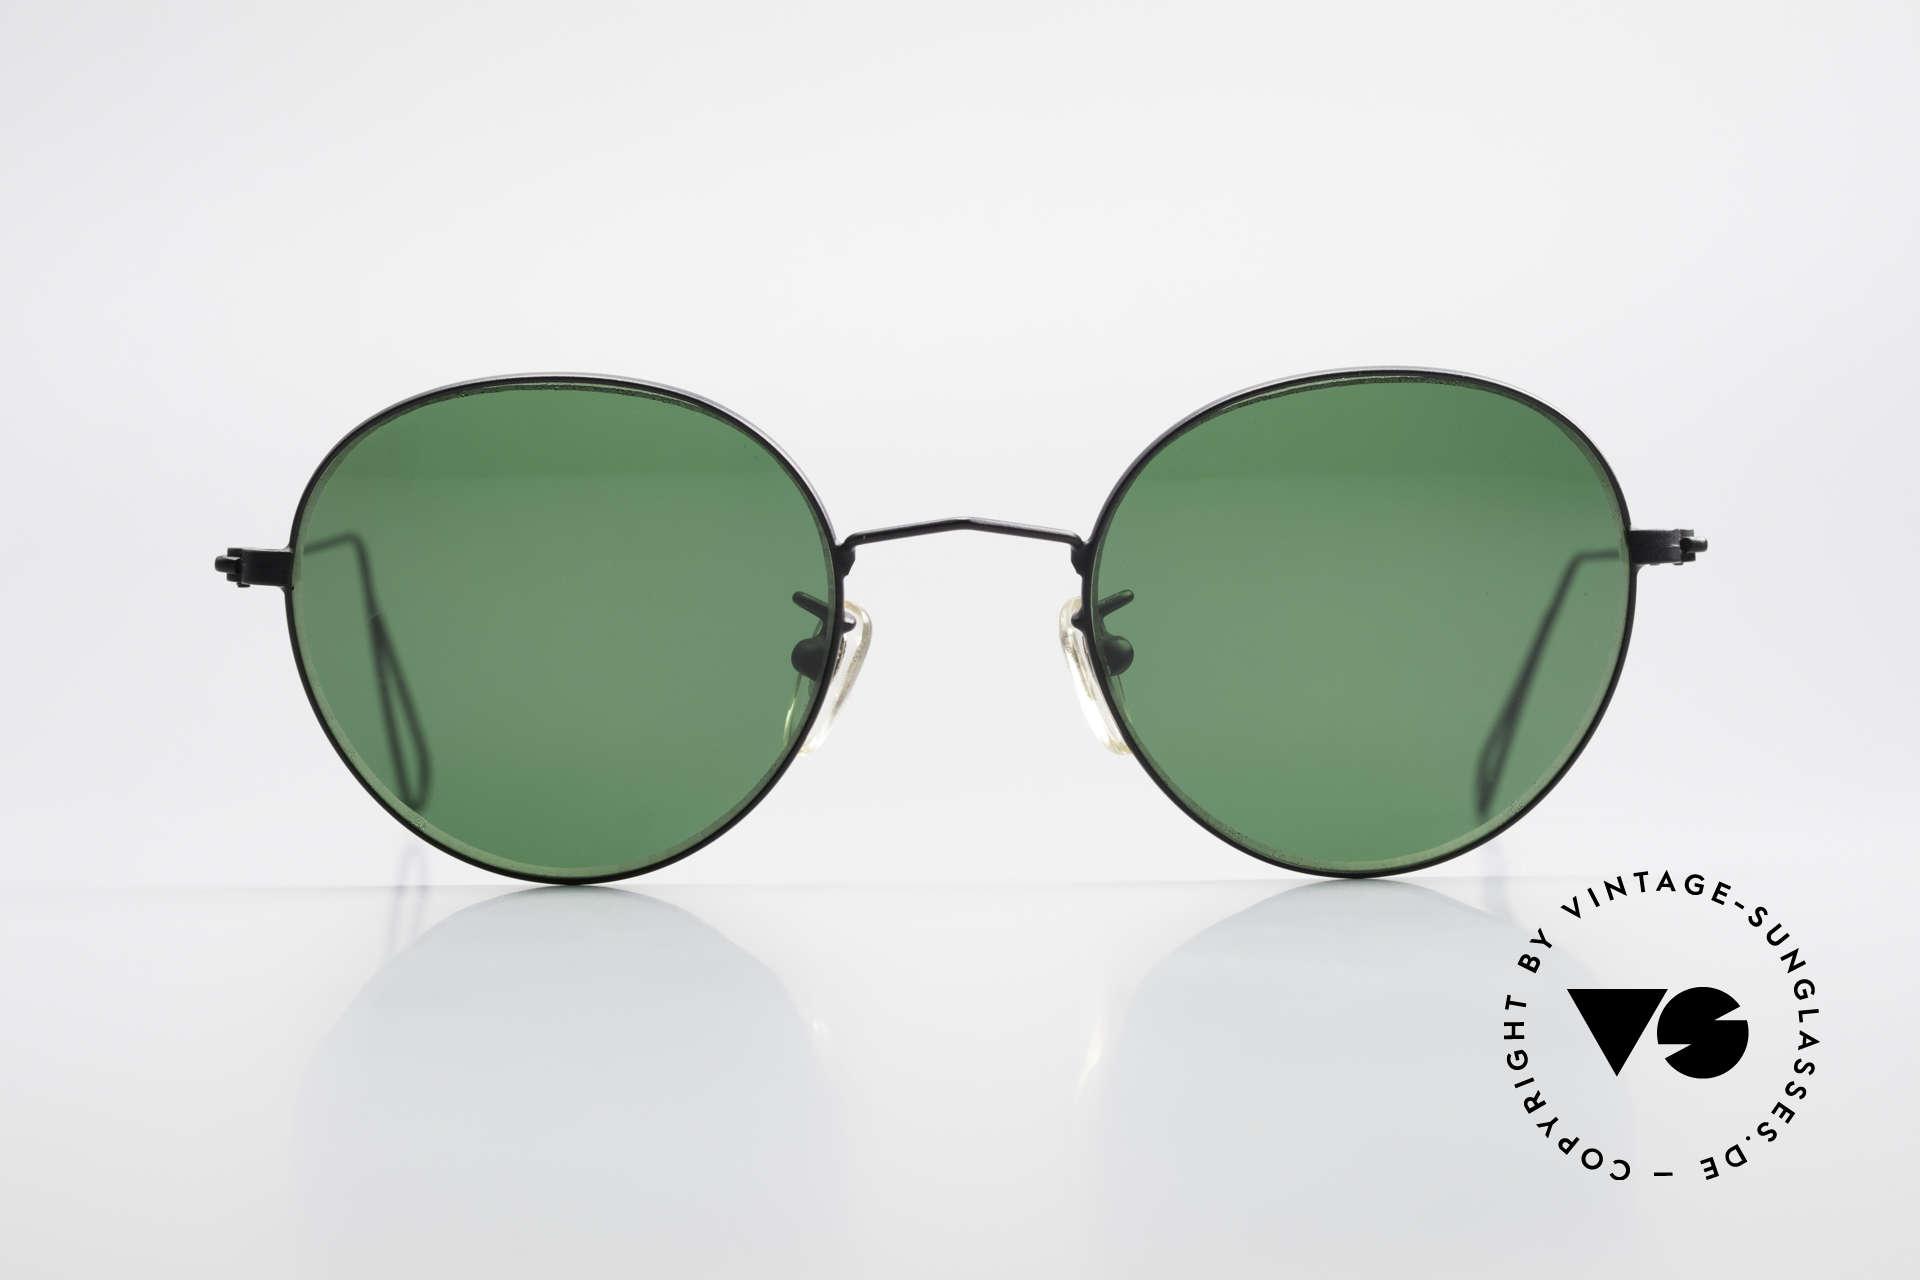 Cutler And Gross 0306 Vintage Panto Sonnenbrille, klassisch, zeitlose Understatement Luxus-Sonnenbrille, Passend für Herren und Damen